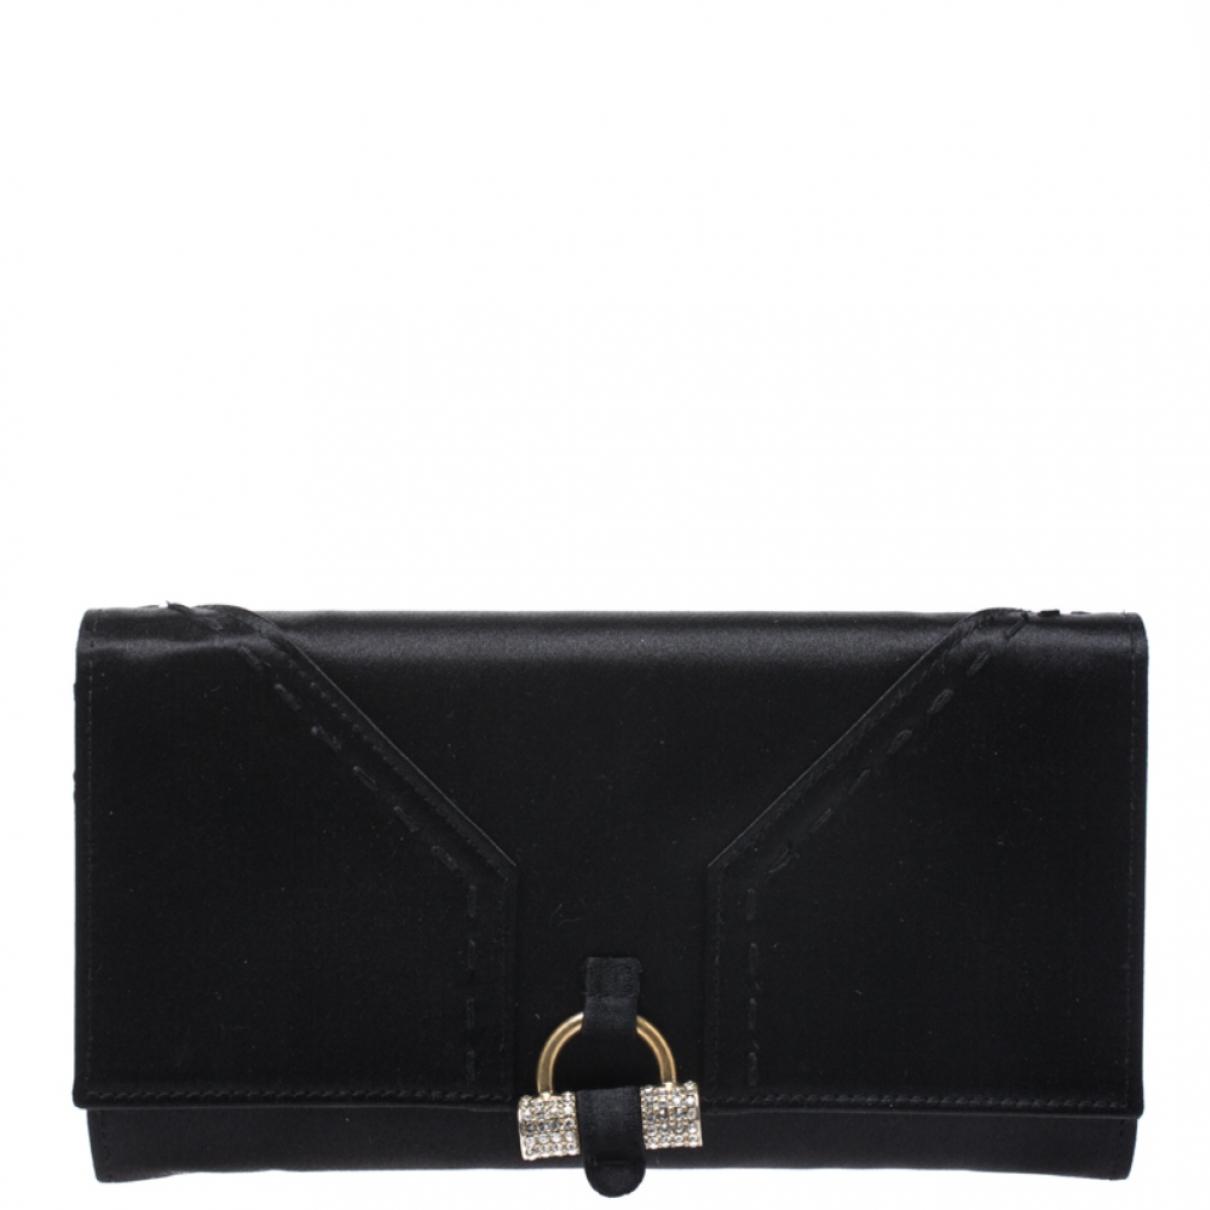 Saint Laurent - Portefeuille   pour femme en cuir - noir